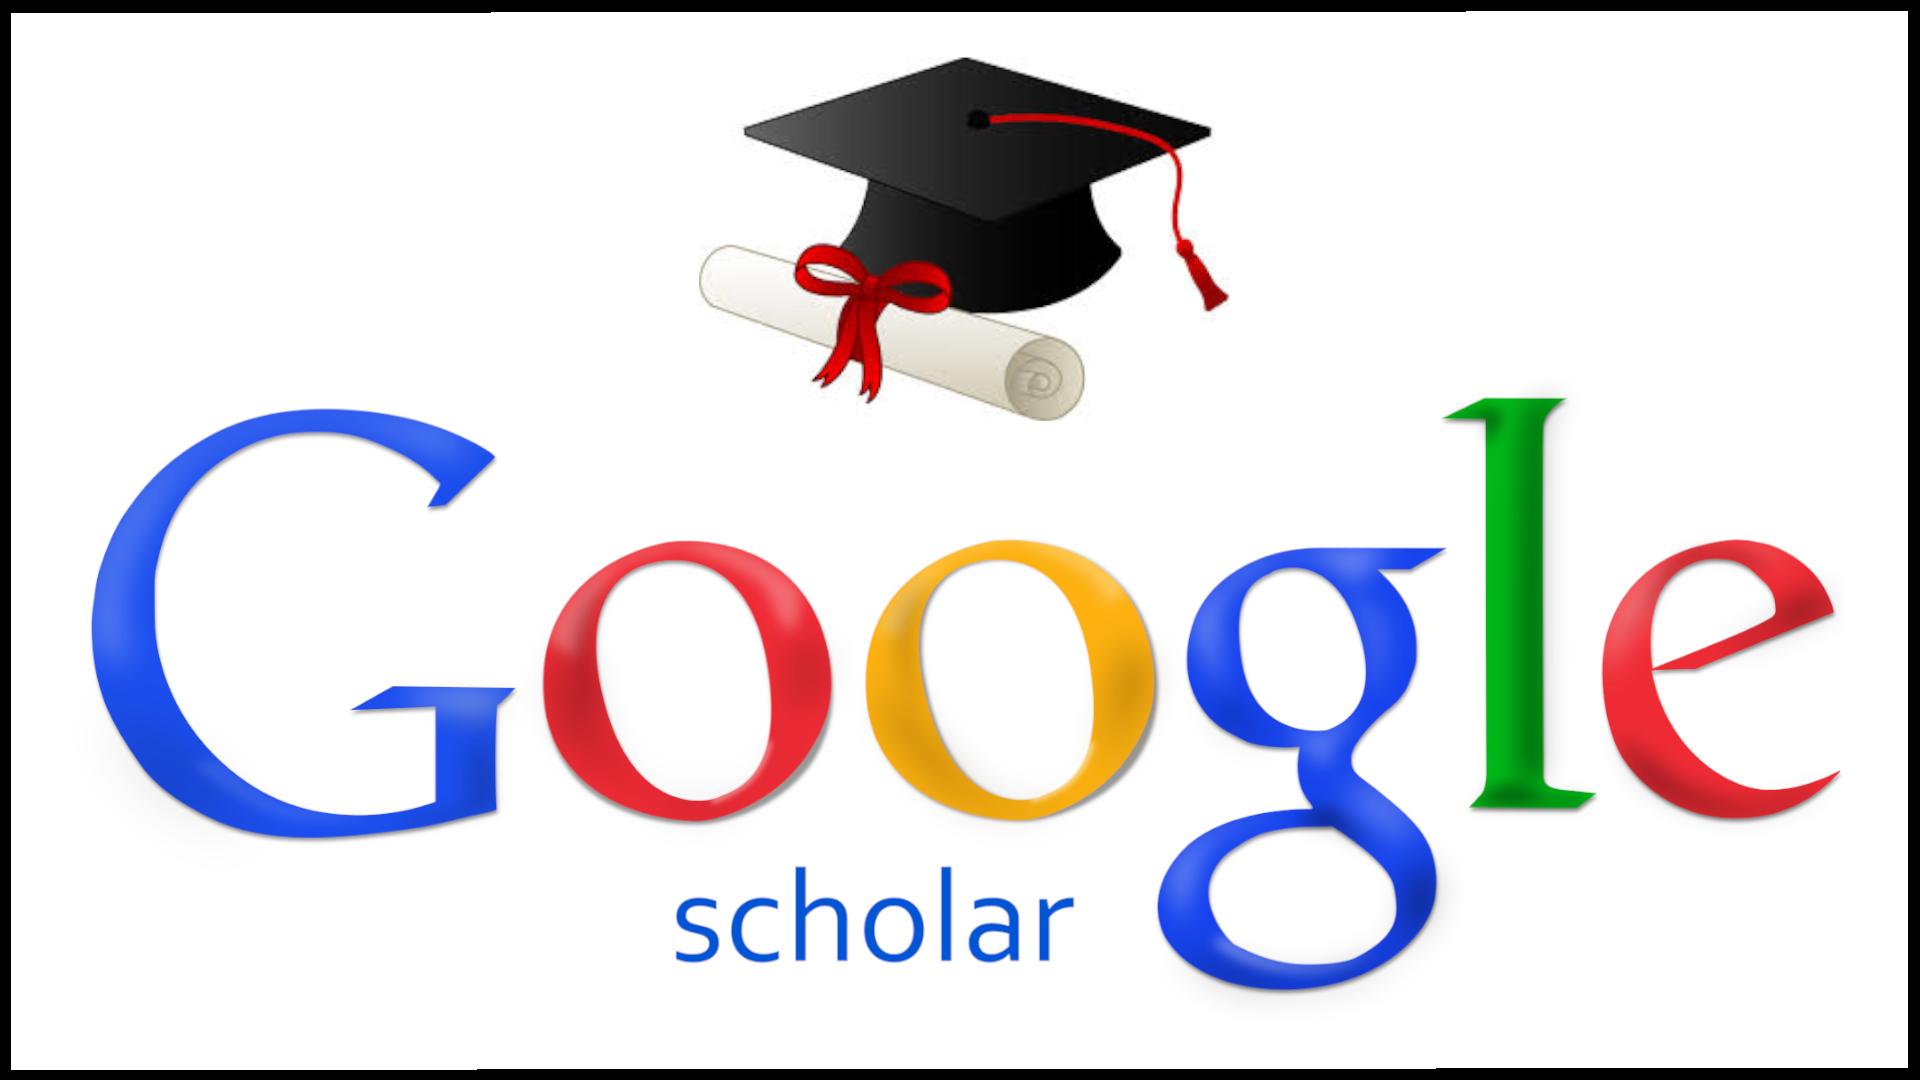 A.G. Holdier Google Scholar